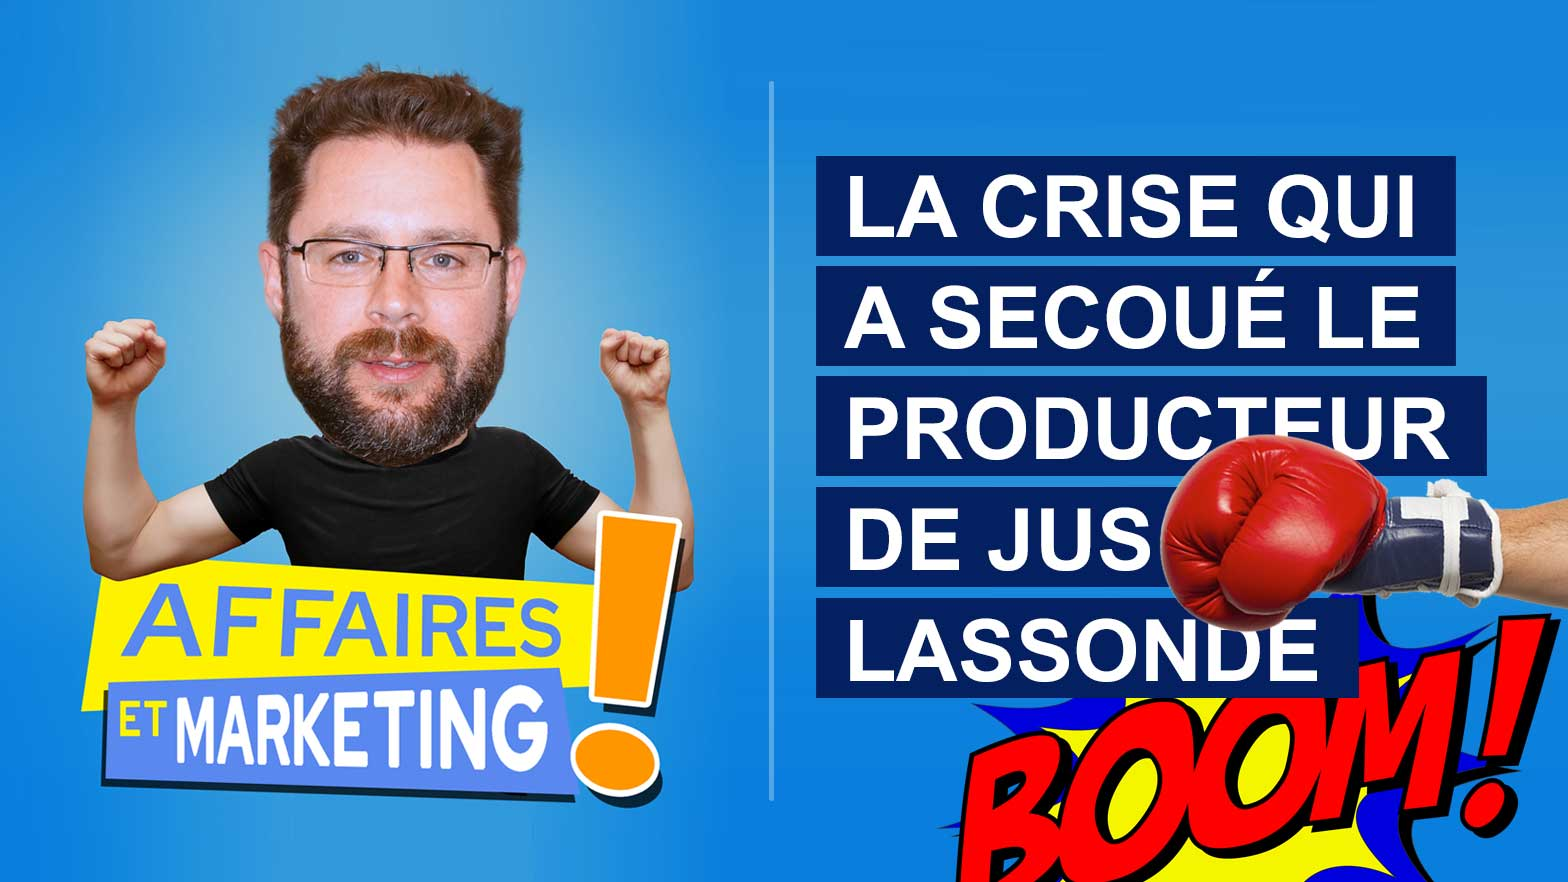 La crise qui a secoué le producteur de jus Lassonde